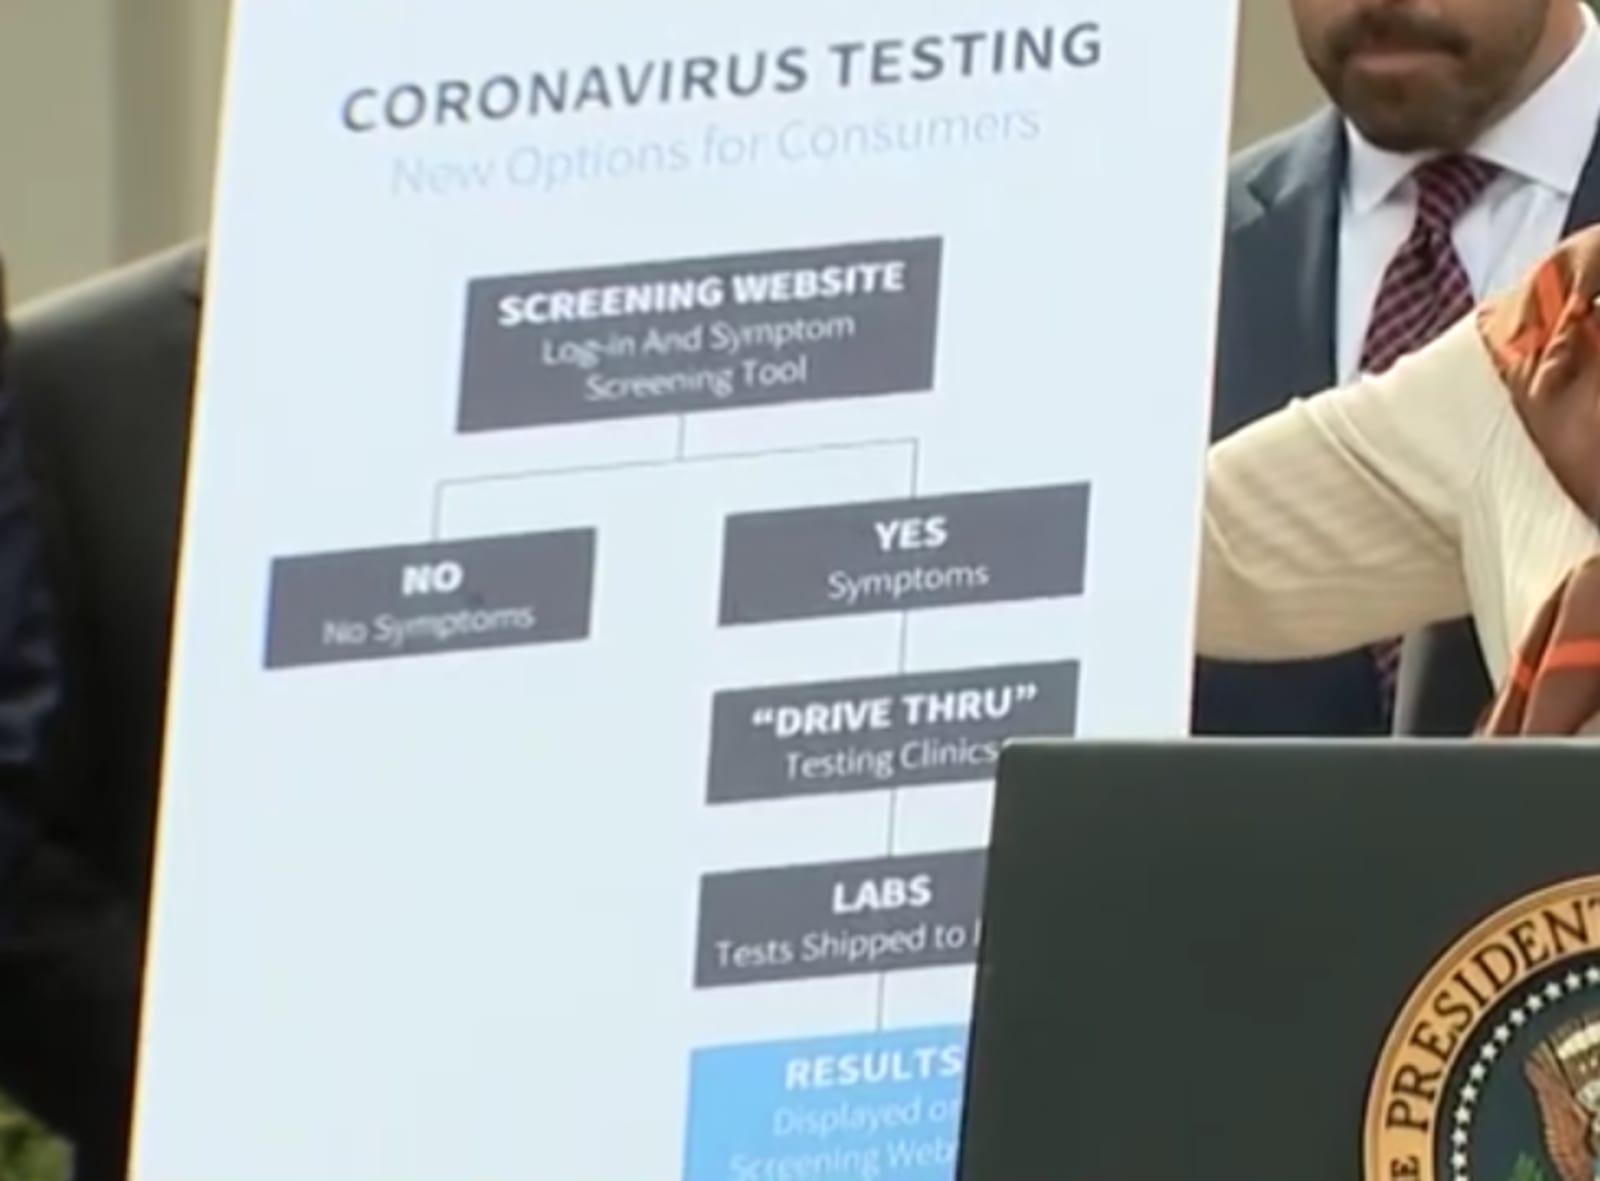 Coronavirus testing chart